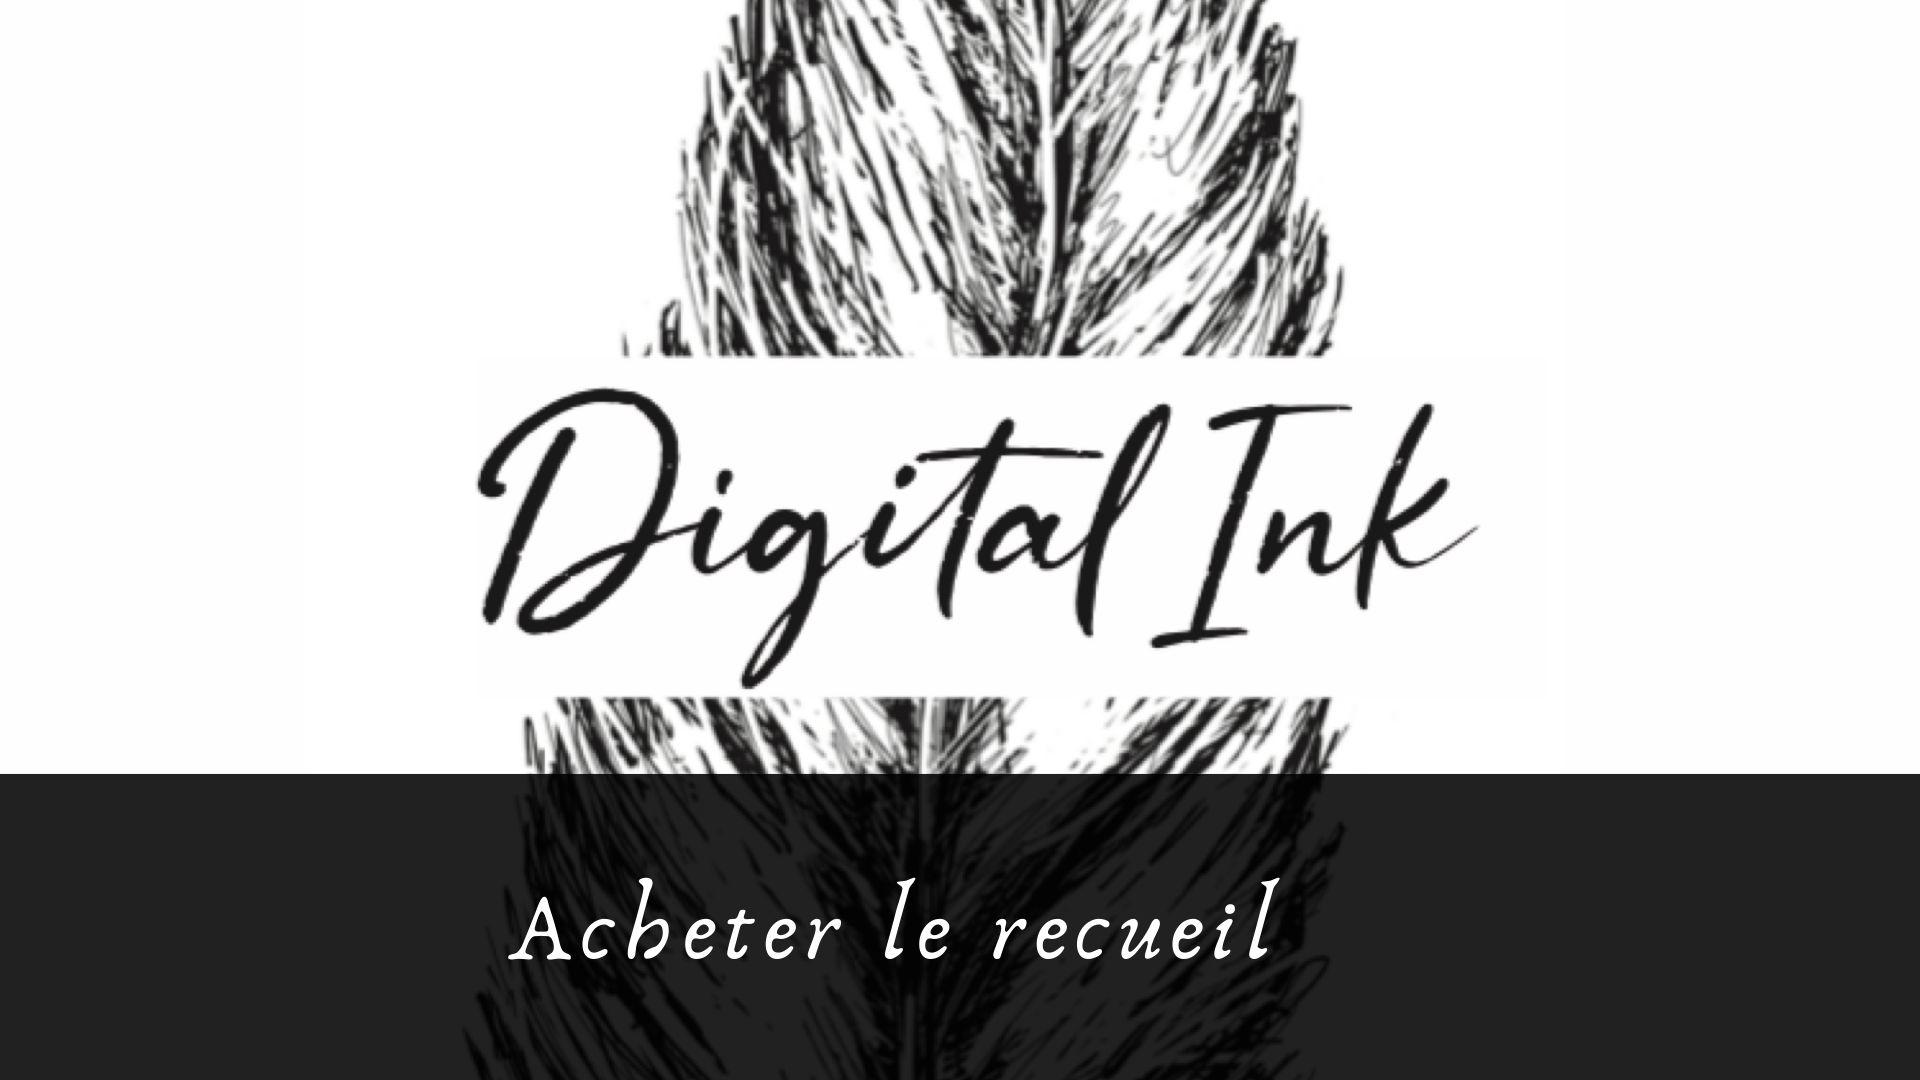 Découvrez Digital Ink